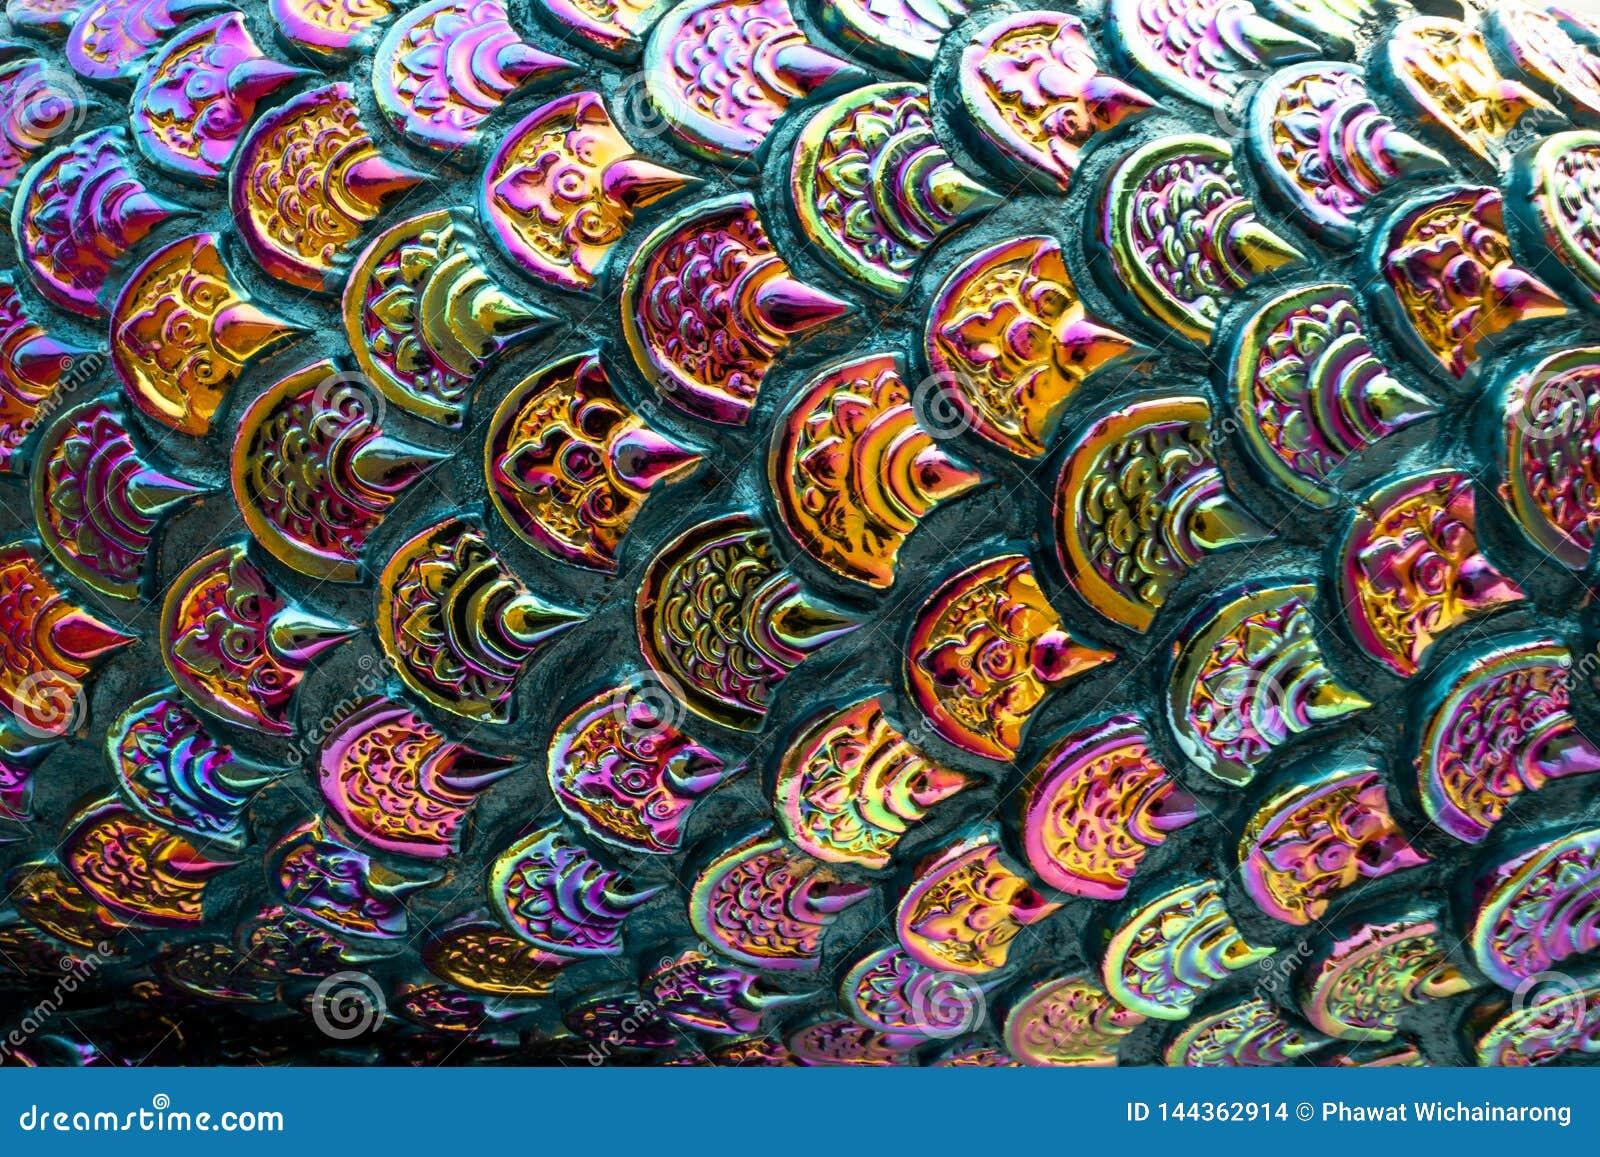 Het kleurrijke patroon van de vissenschaal met ruwe textuur